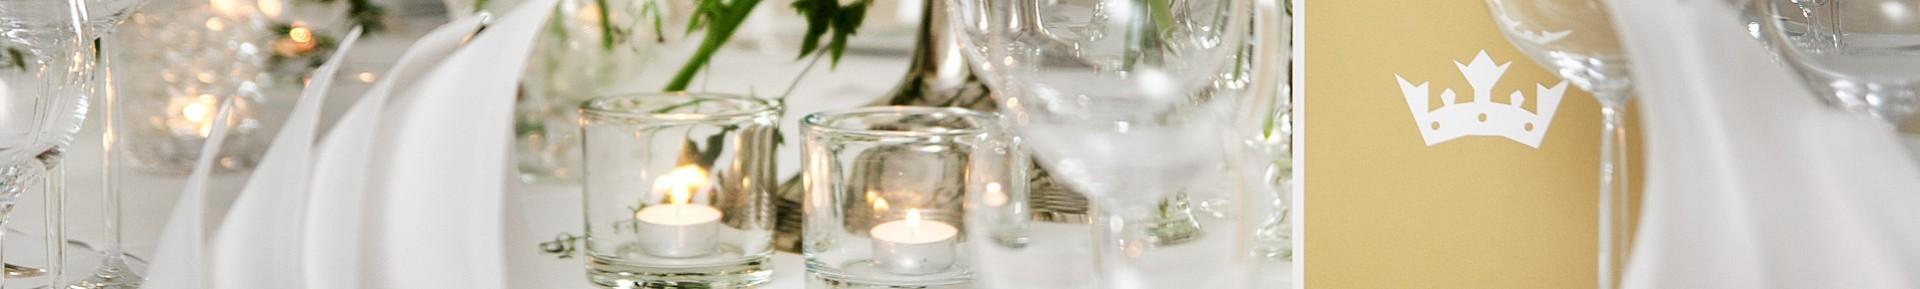 Bankettraum Salon für private Veranstaltungen und Feiern